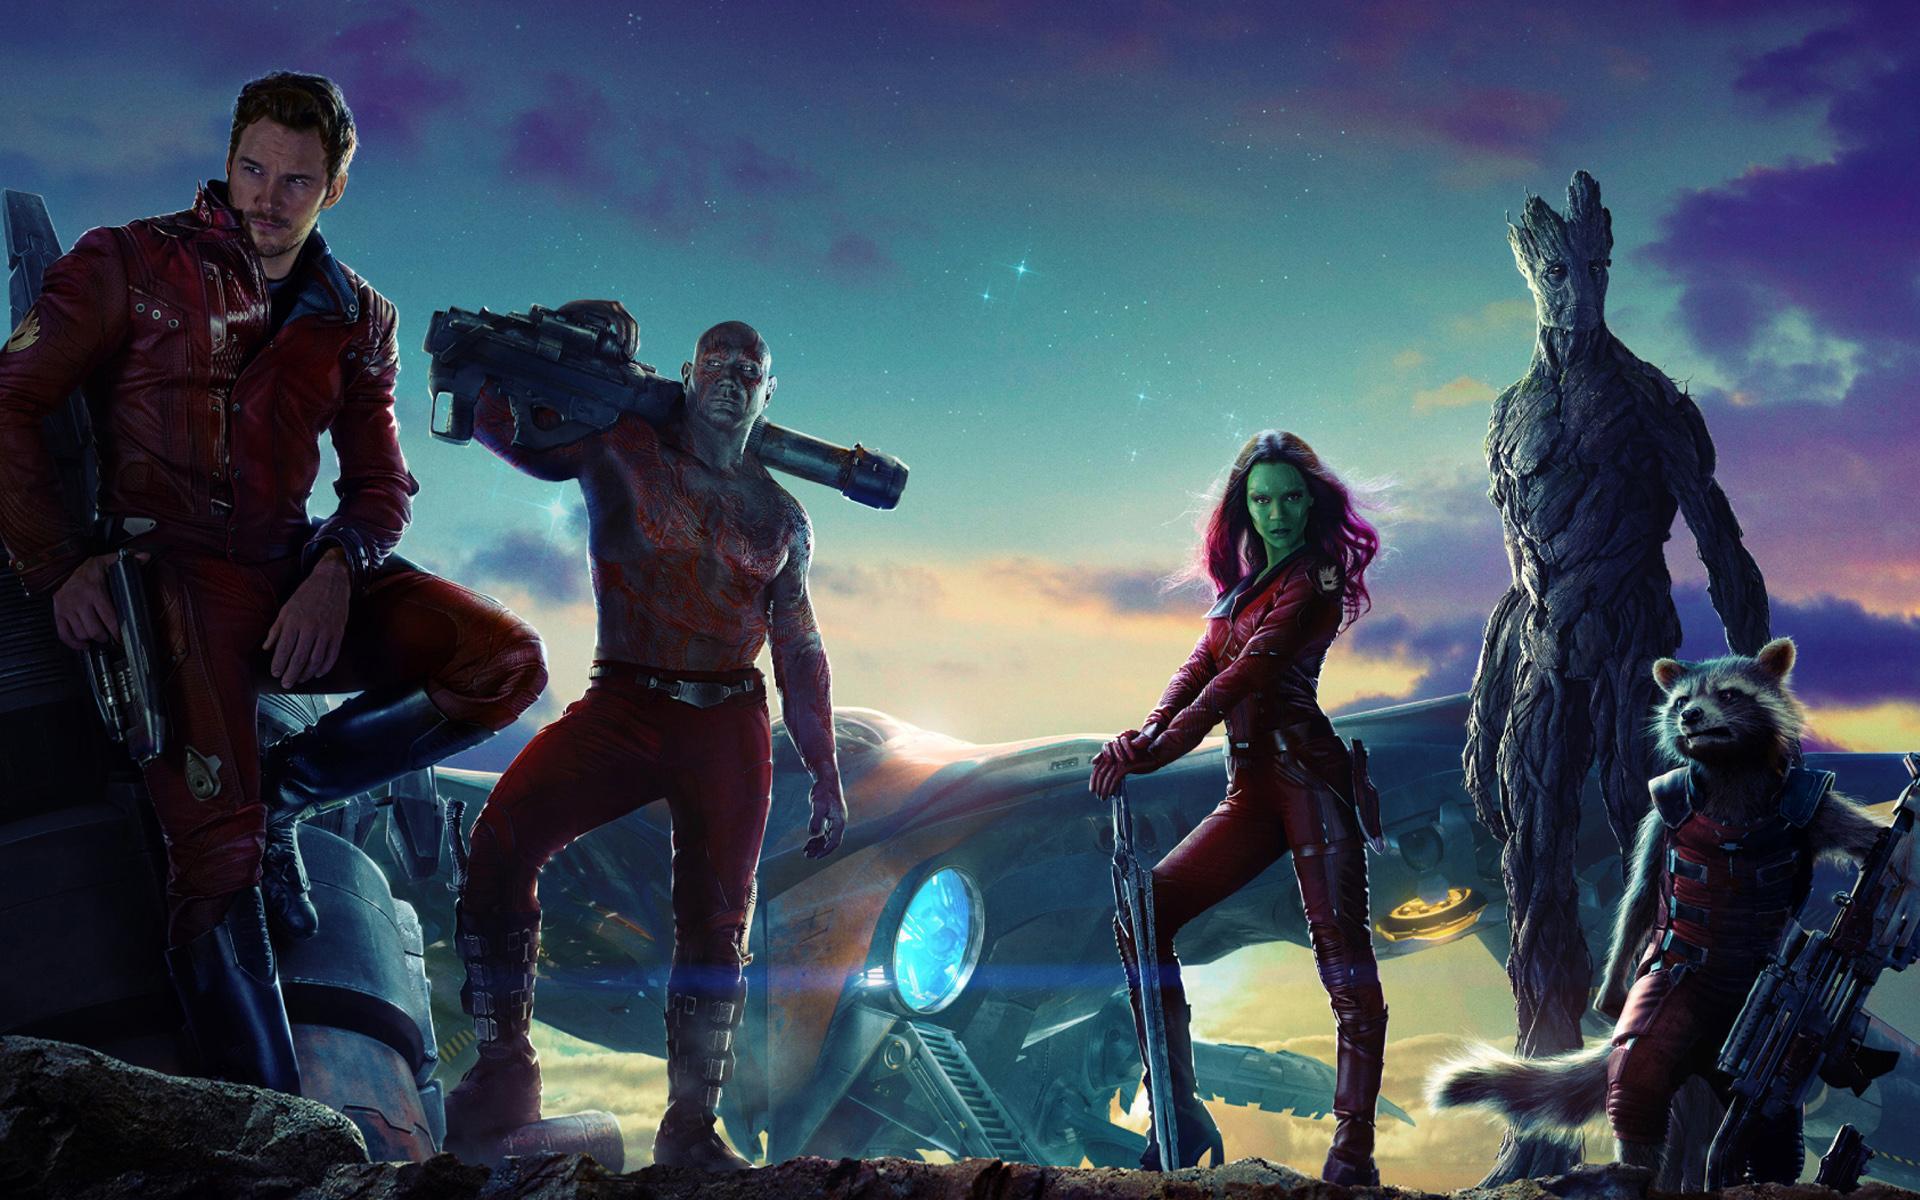 Avengers ramię w ramię z Guardians of the Galaxy? Niekoniecznie